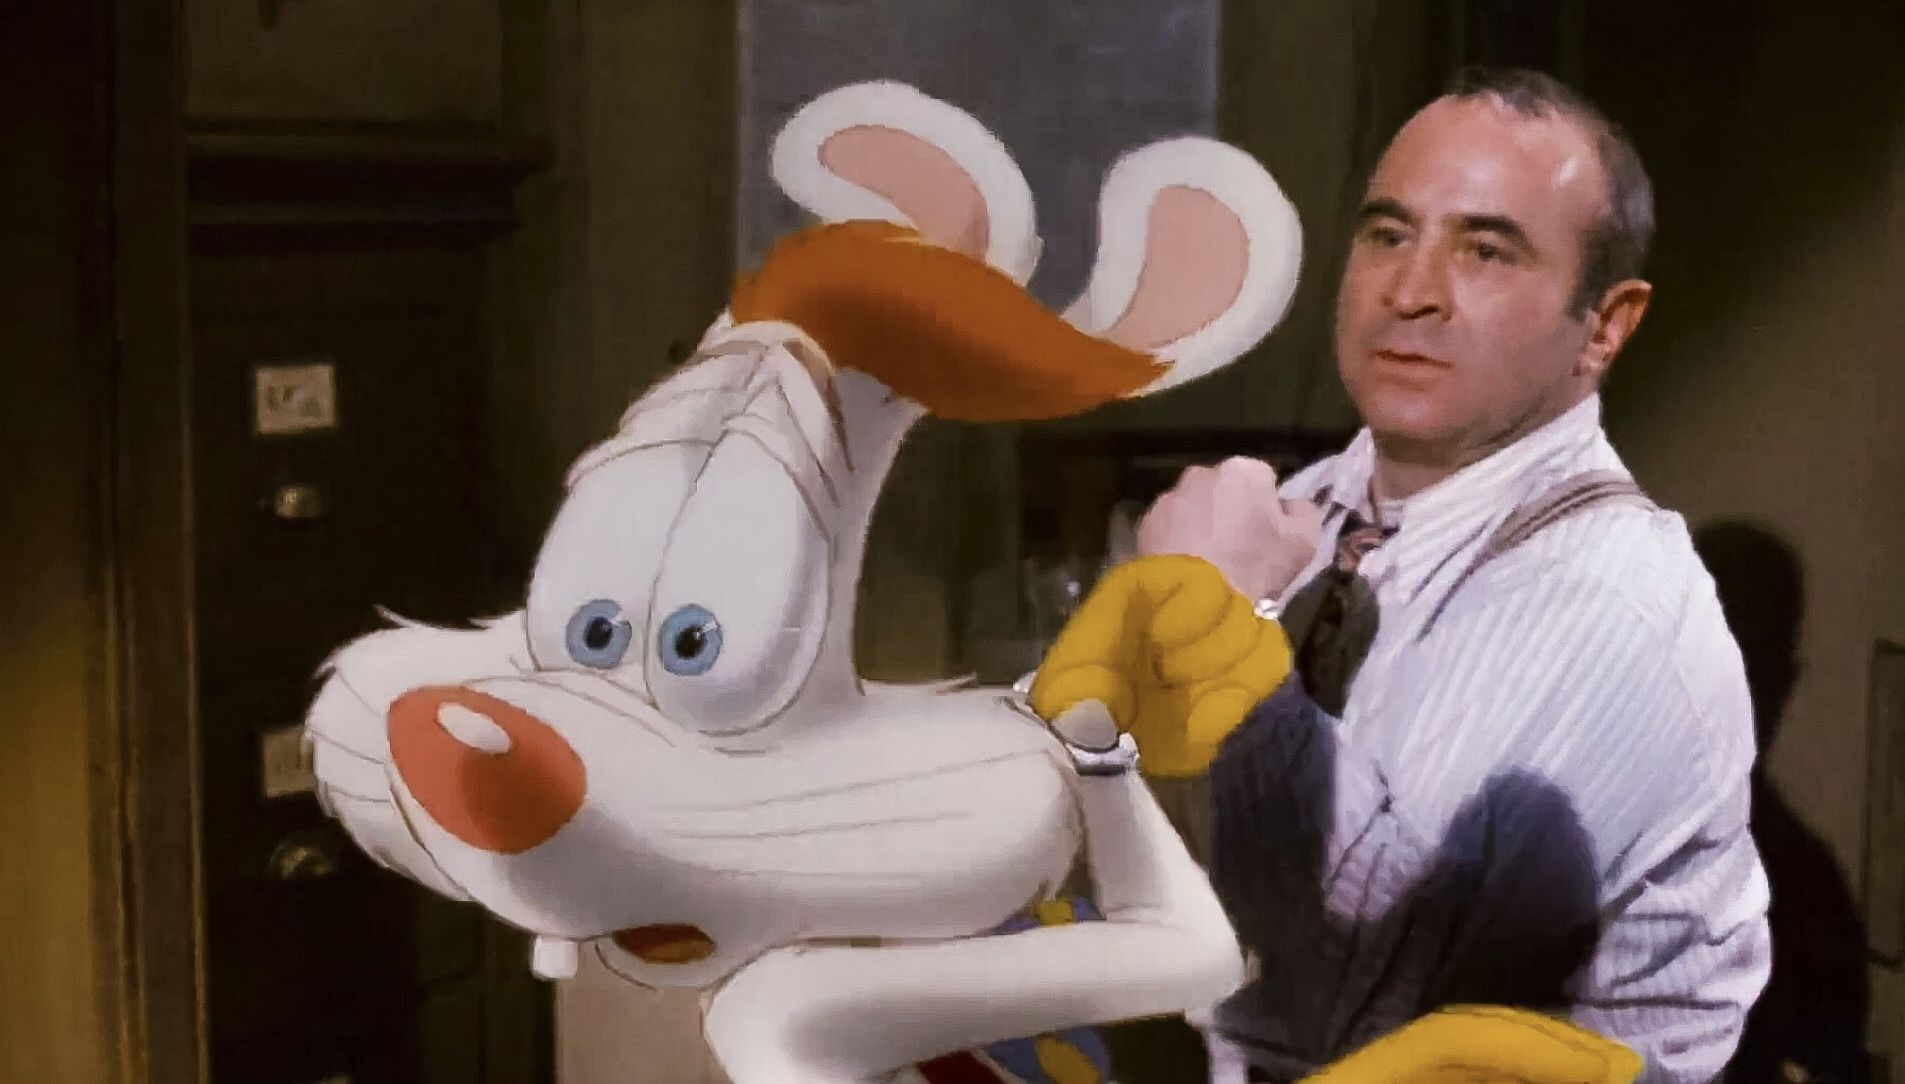 Ziemlich Falsches Spiel Mit Roger Rabbit Common Sense Medien Bilder ...